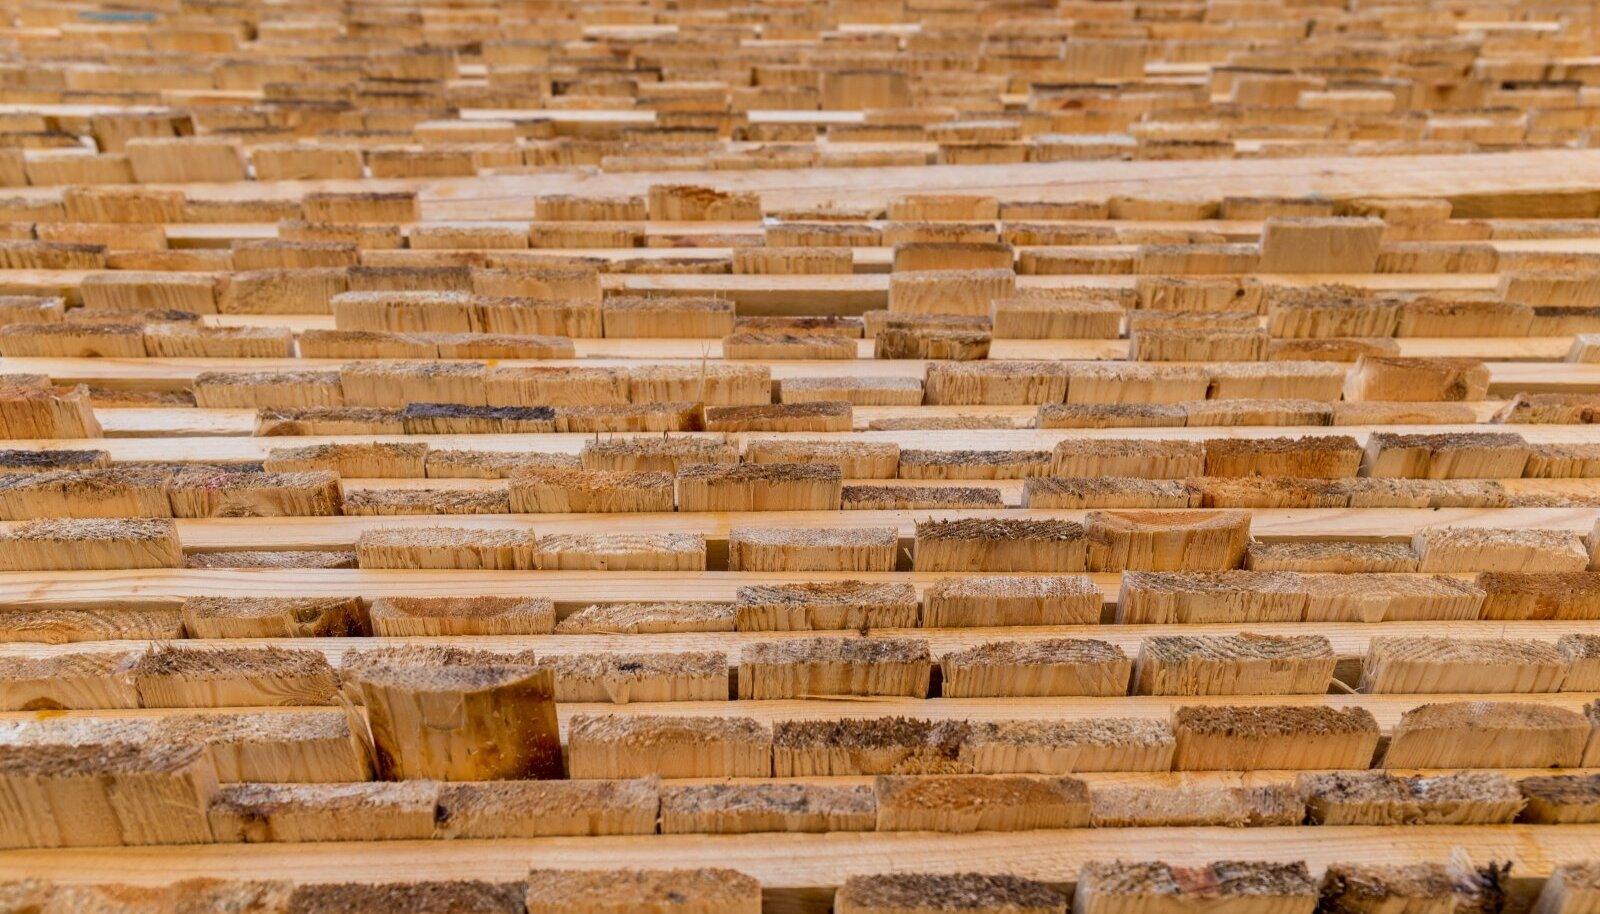 Eesti kõige suurem majandusharu on töötlev tööstus, mille osa on näiteks puidutööstus.